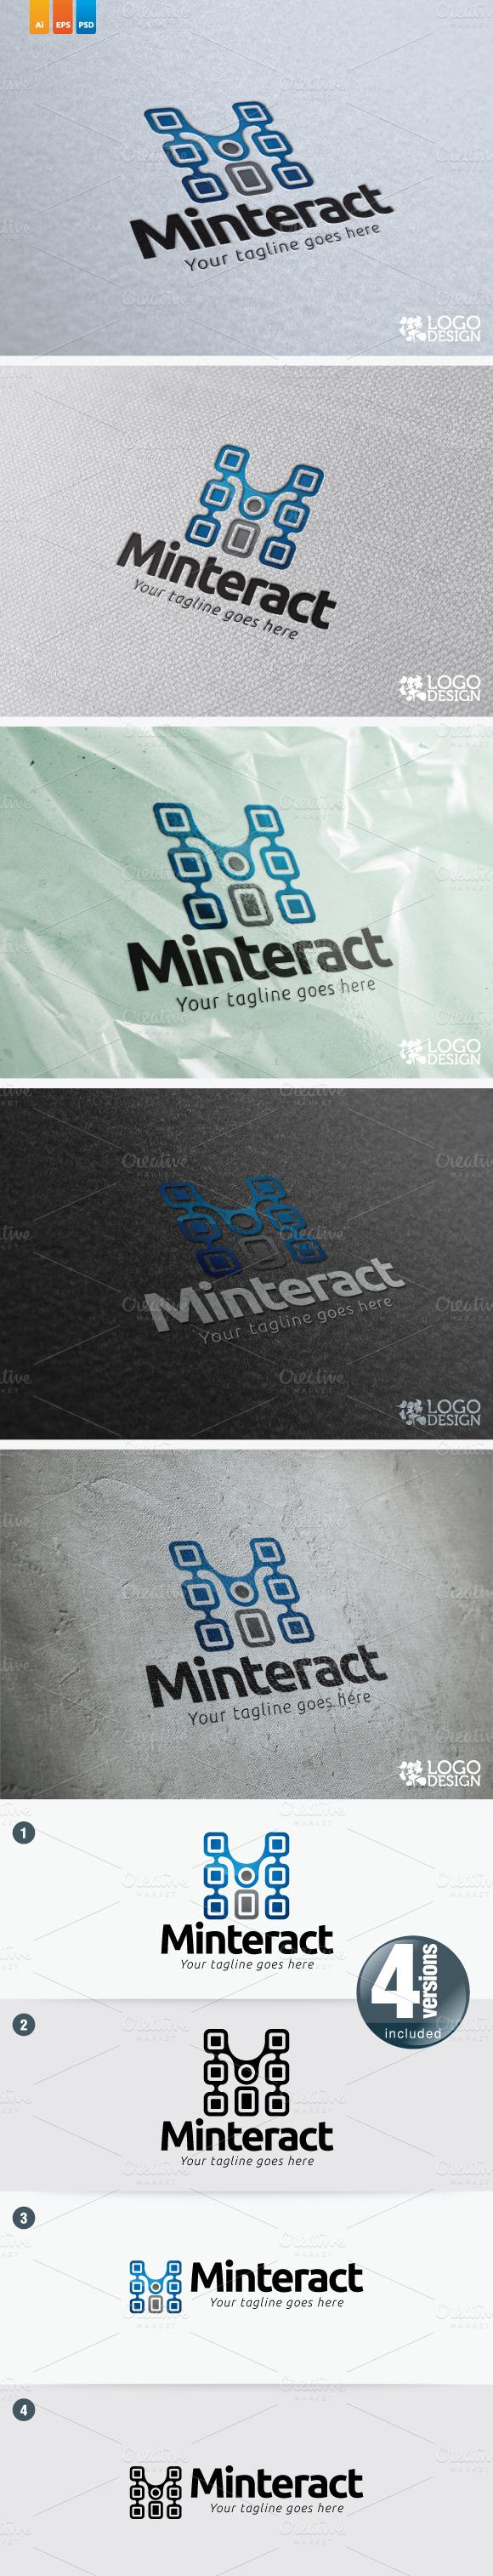 Minteract